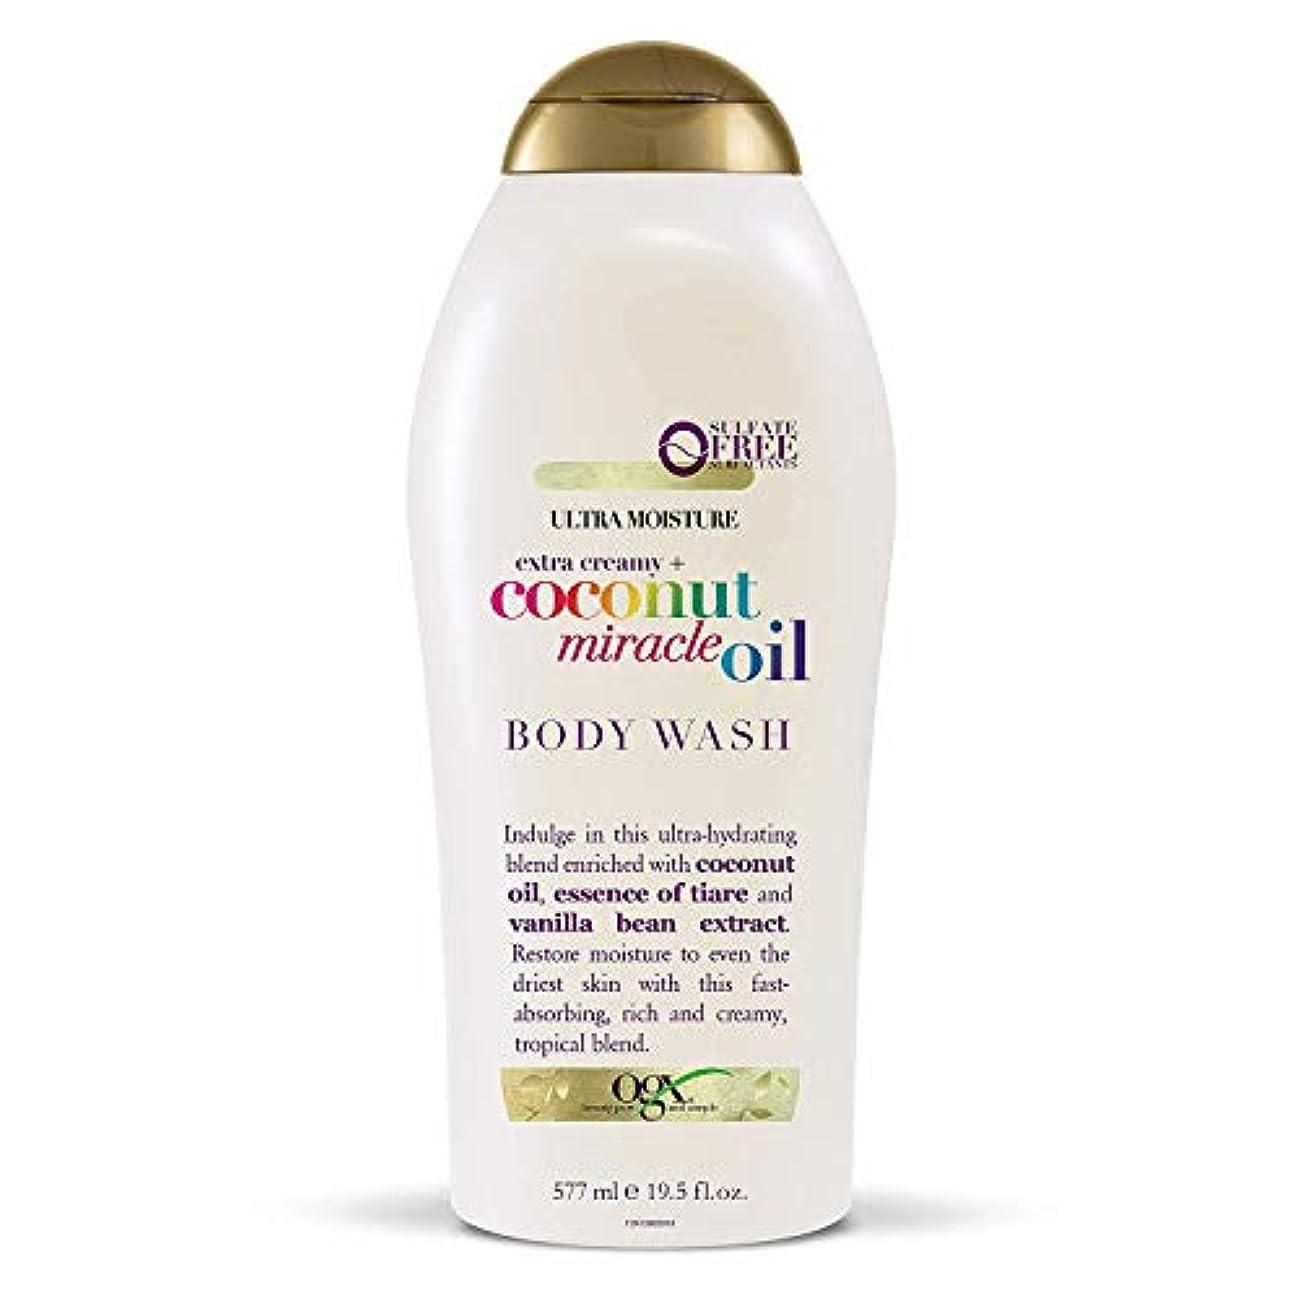 啓発するグリットバルクOgx Body Wash Coconut Miracle Oil Extra Strength 19.5oz OGX ココナッツミラクルオイル エクストラストレングス ボディウォッシュ 577ml [並行輸入品]